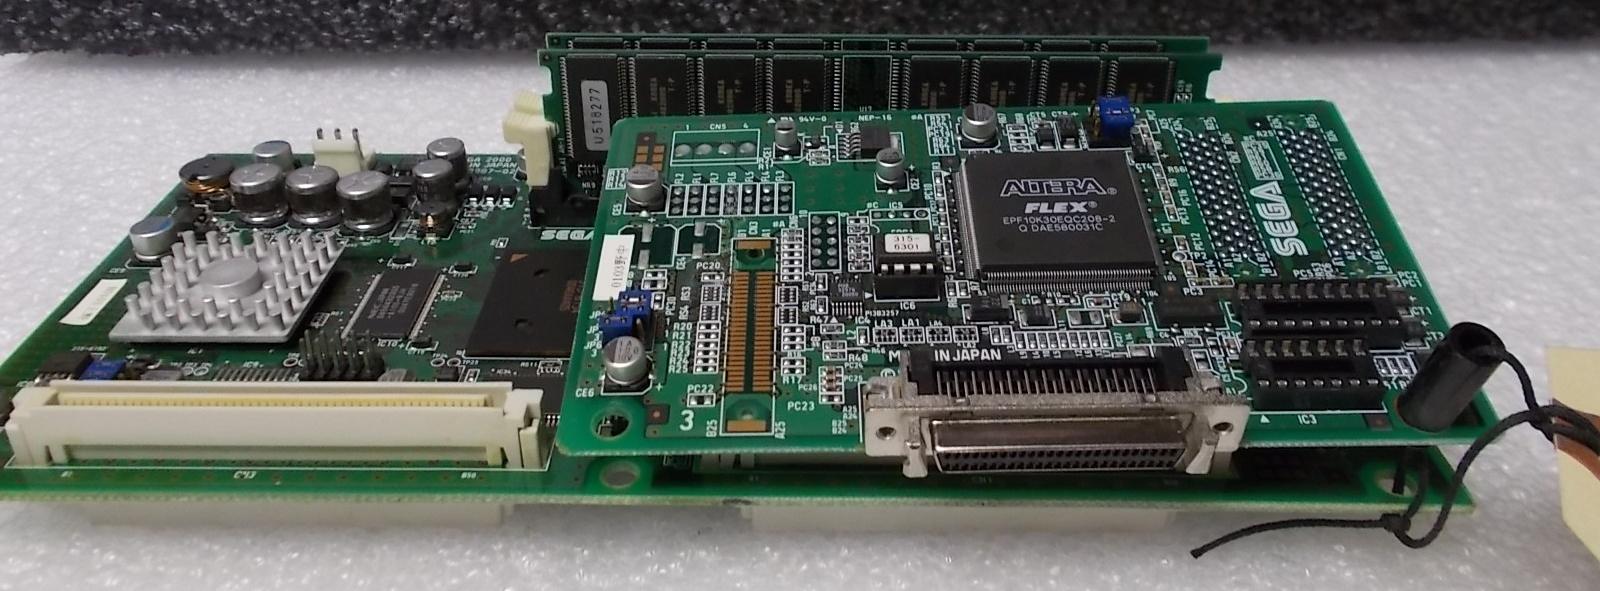 SEGA NAOMI Arcade Machine Game PCB Printed Circuit DIM Board